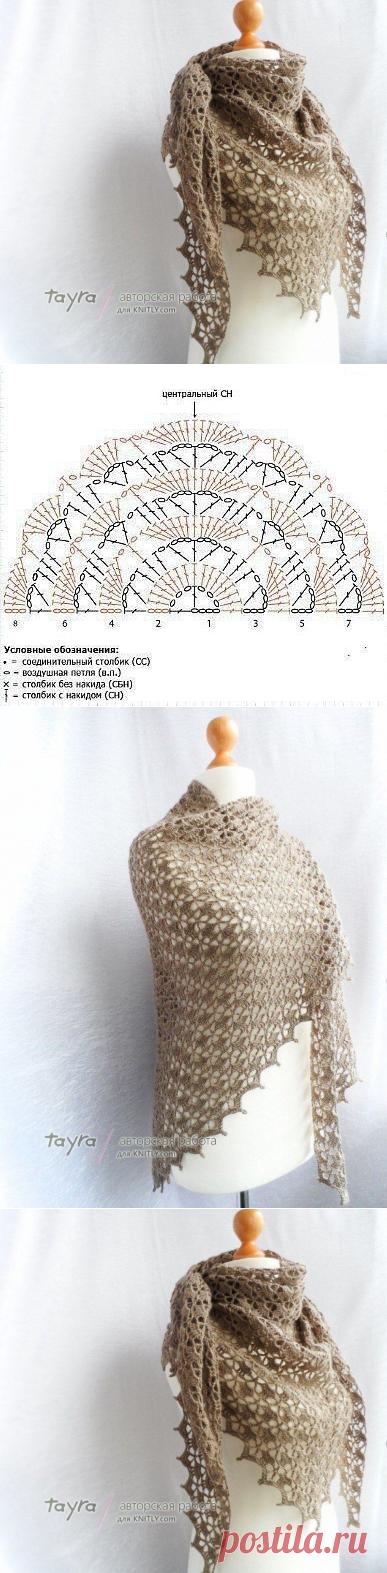 Ажурная шаль. Описание вязания (Вязание крючком) – Журнал Вдохновение Рукодельницы